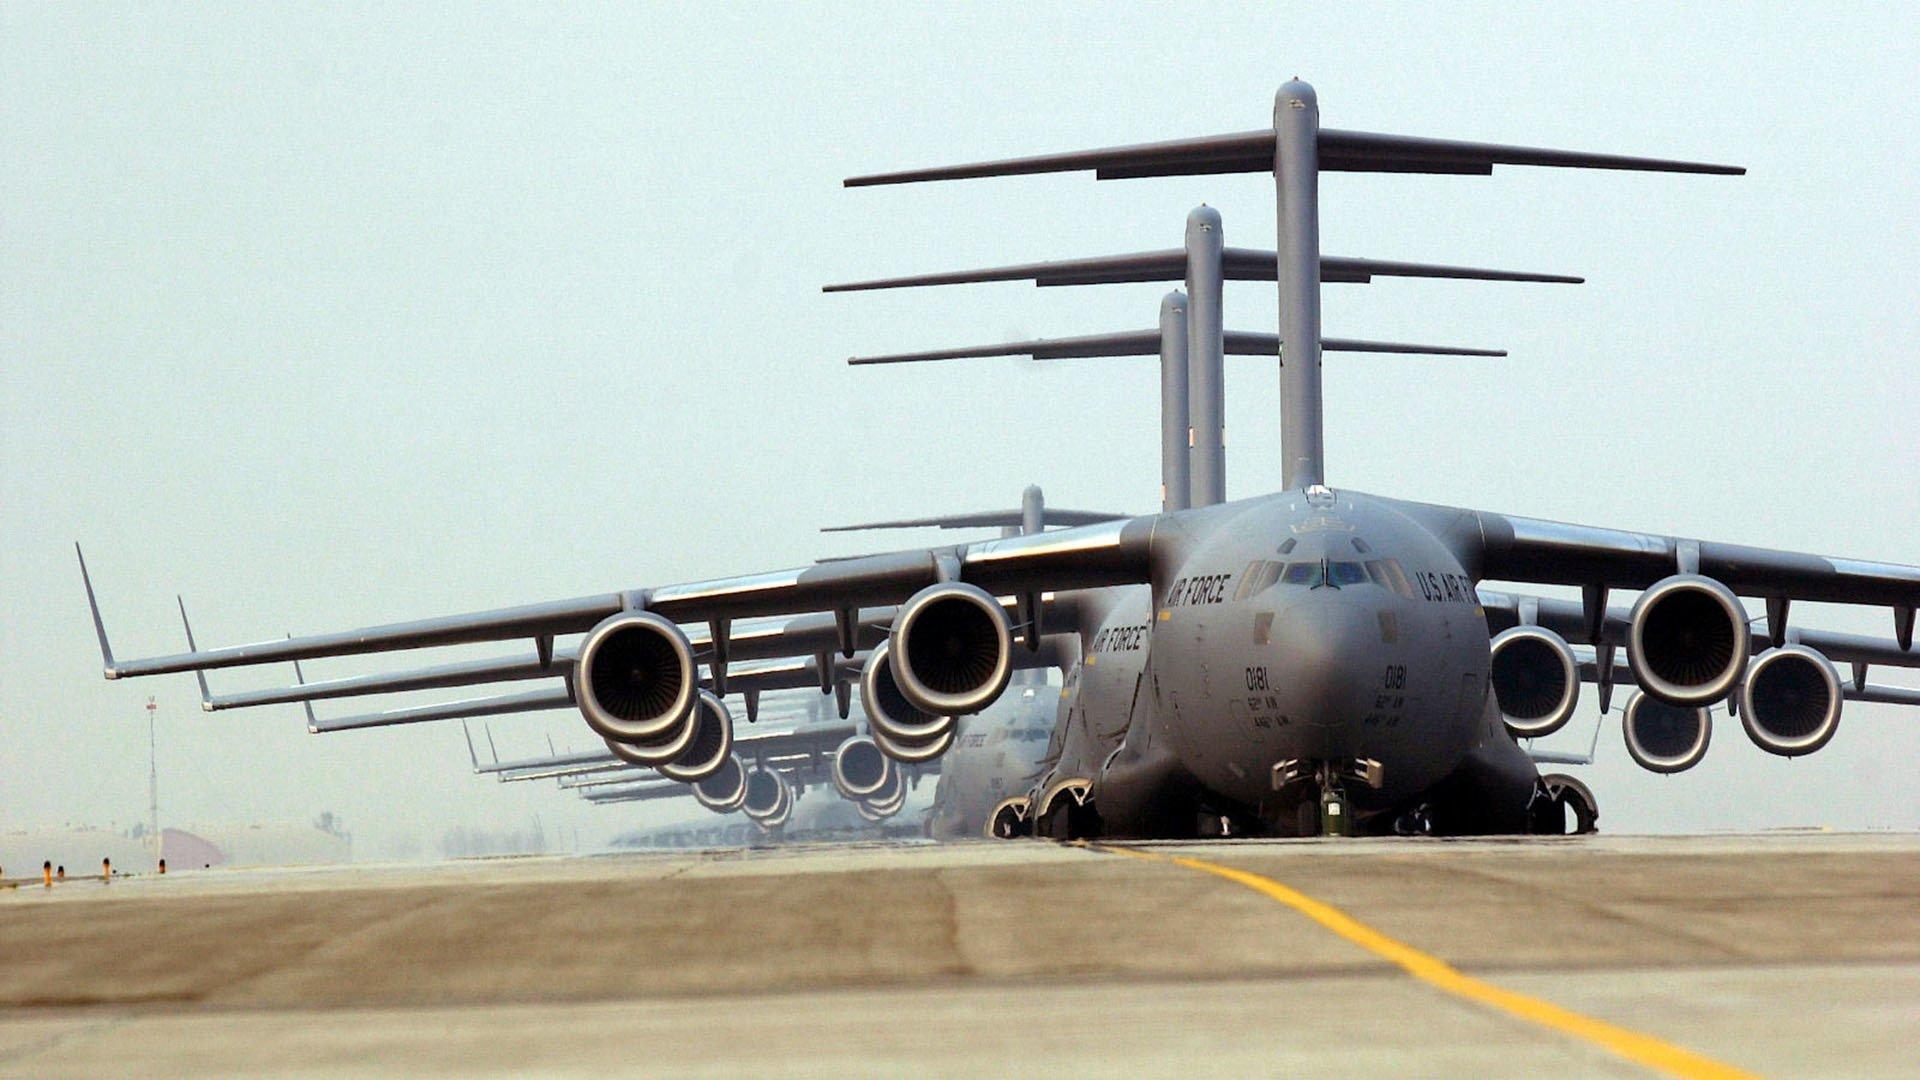 Обои самолеты, c-17 globemaster. Авиация foto 9